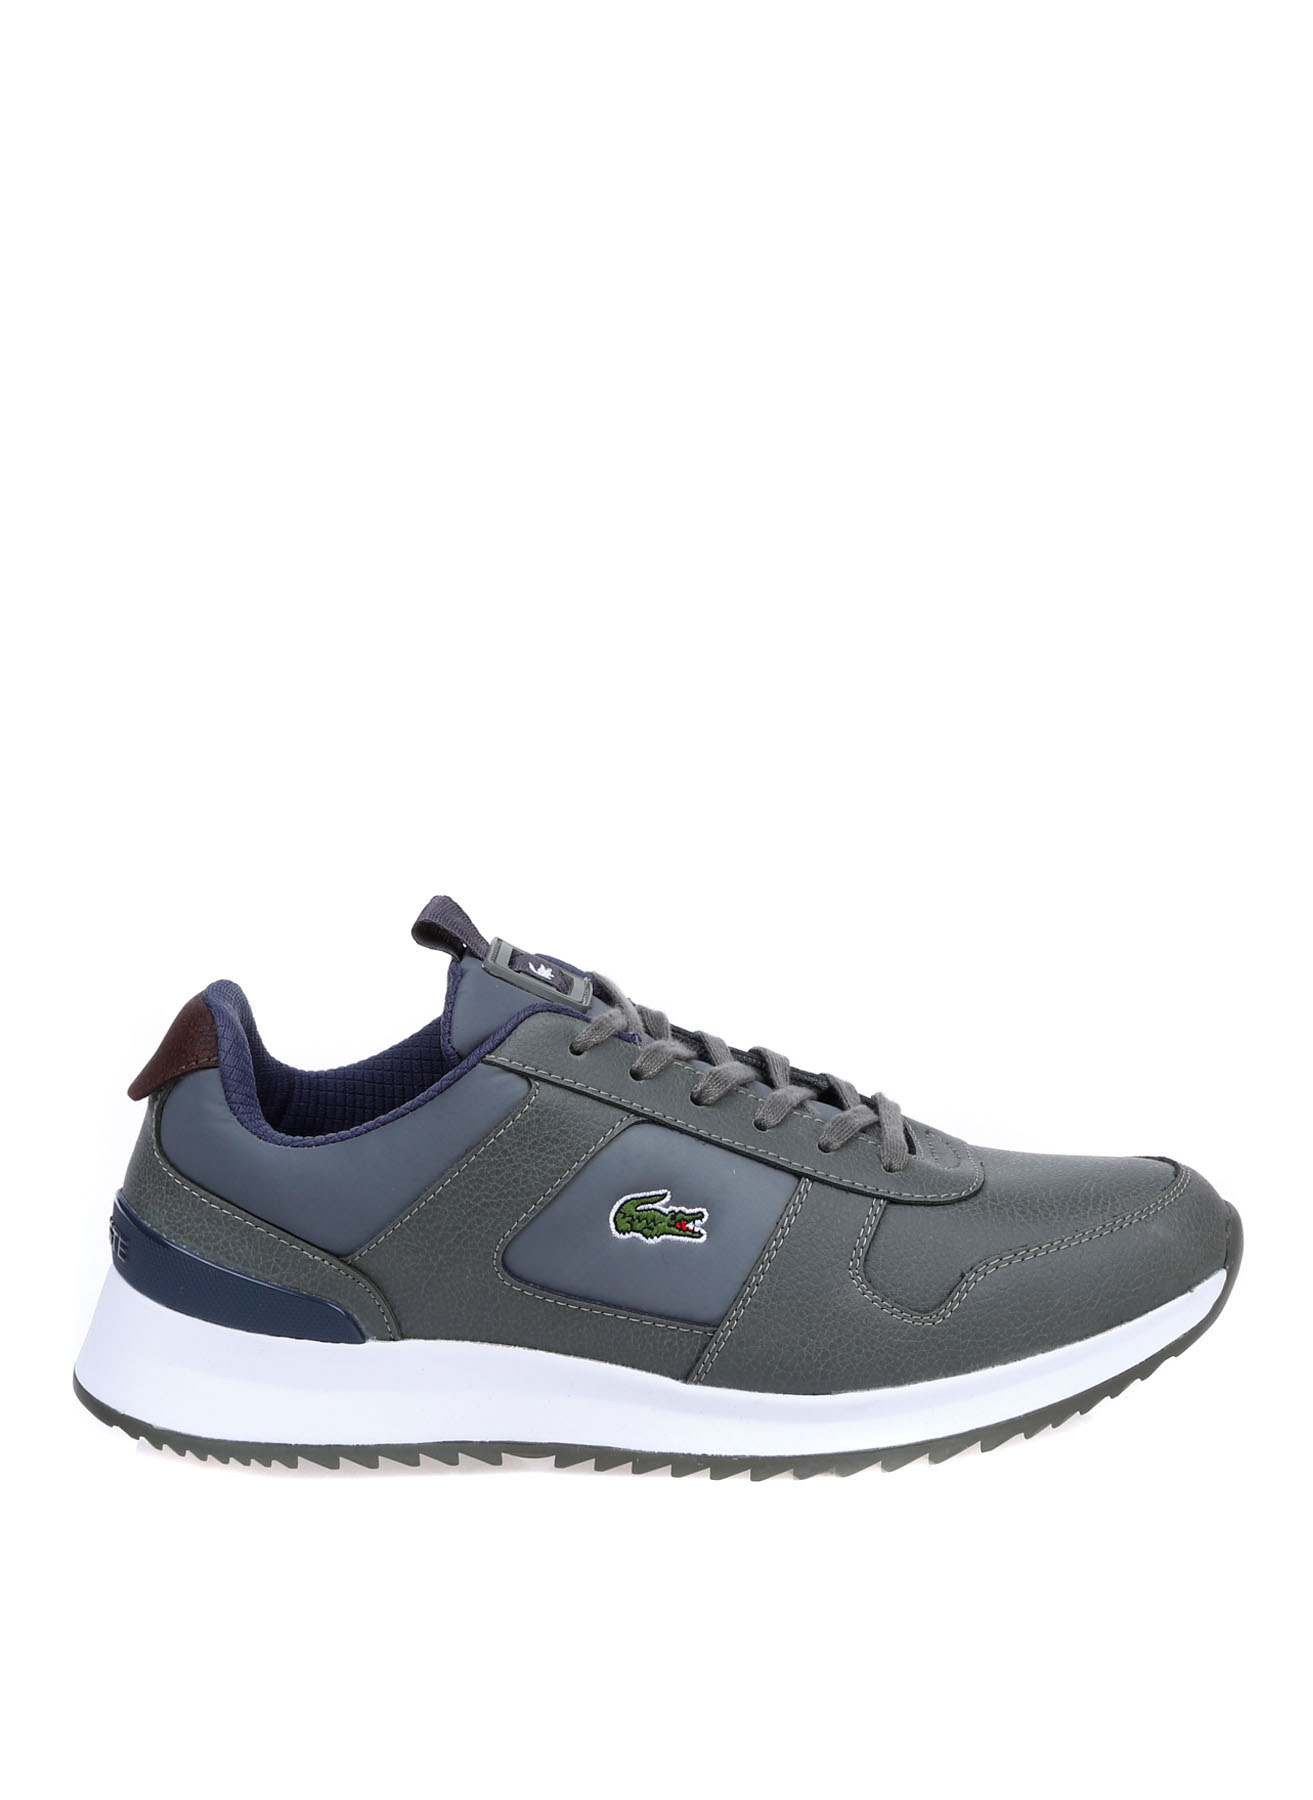 Lacoste Erkek Lacivert Gri Lifestyle Ayakkabı 42 5002314256004 Ürün Resmi